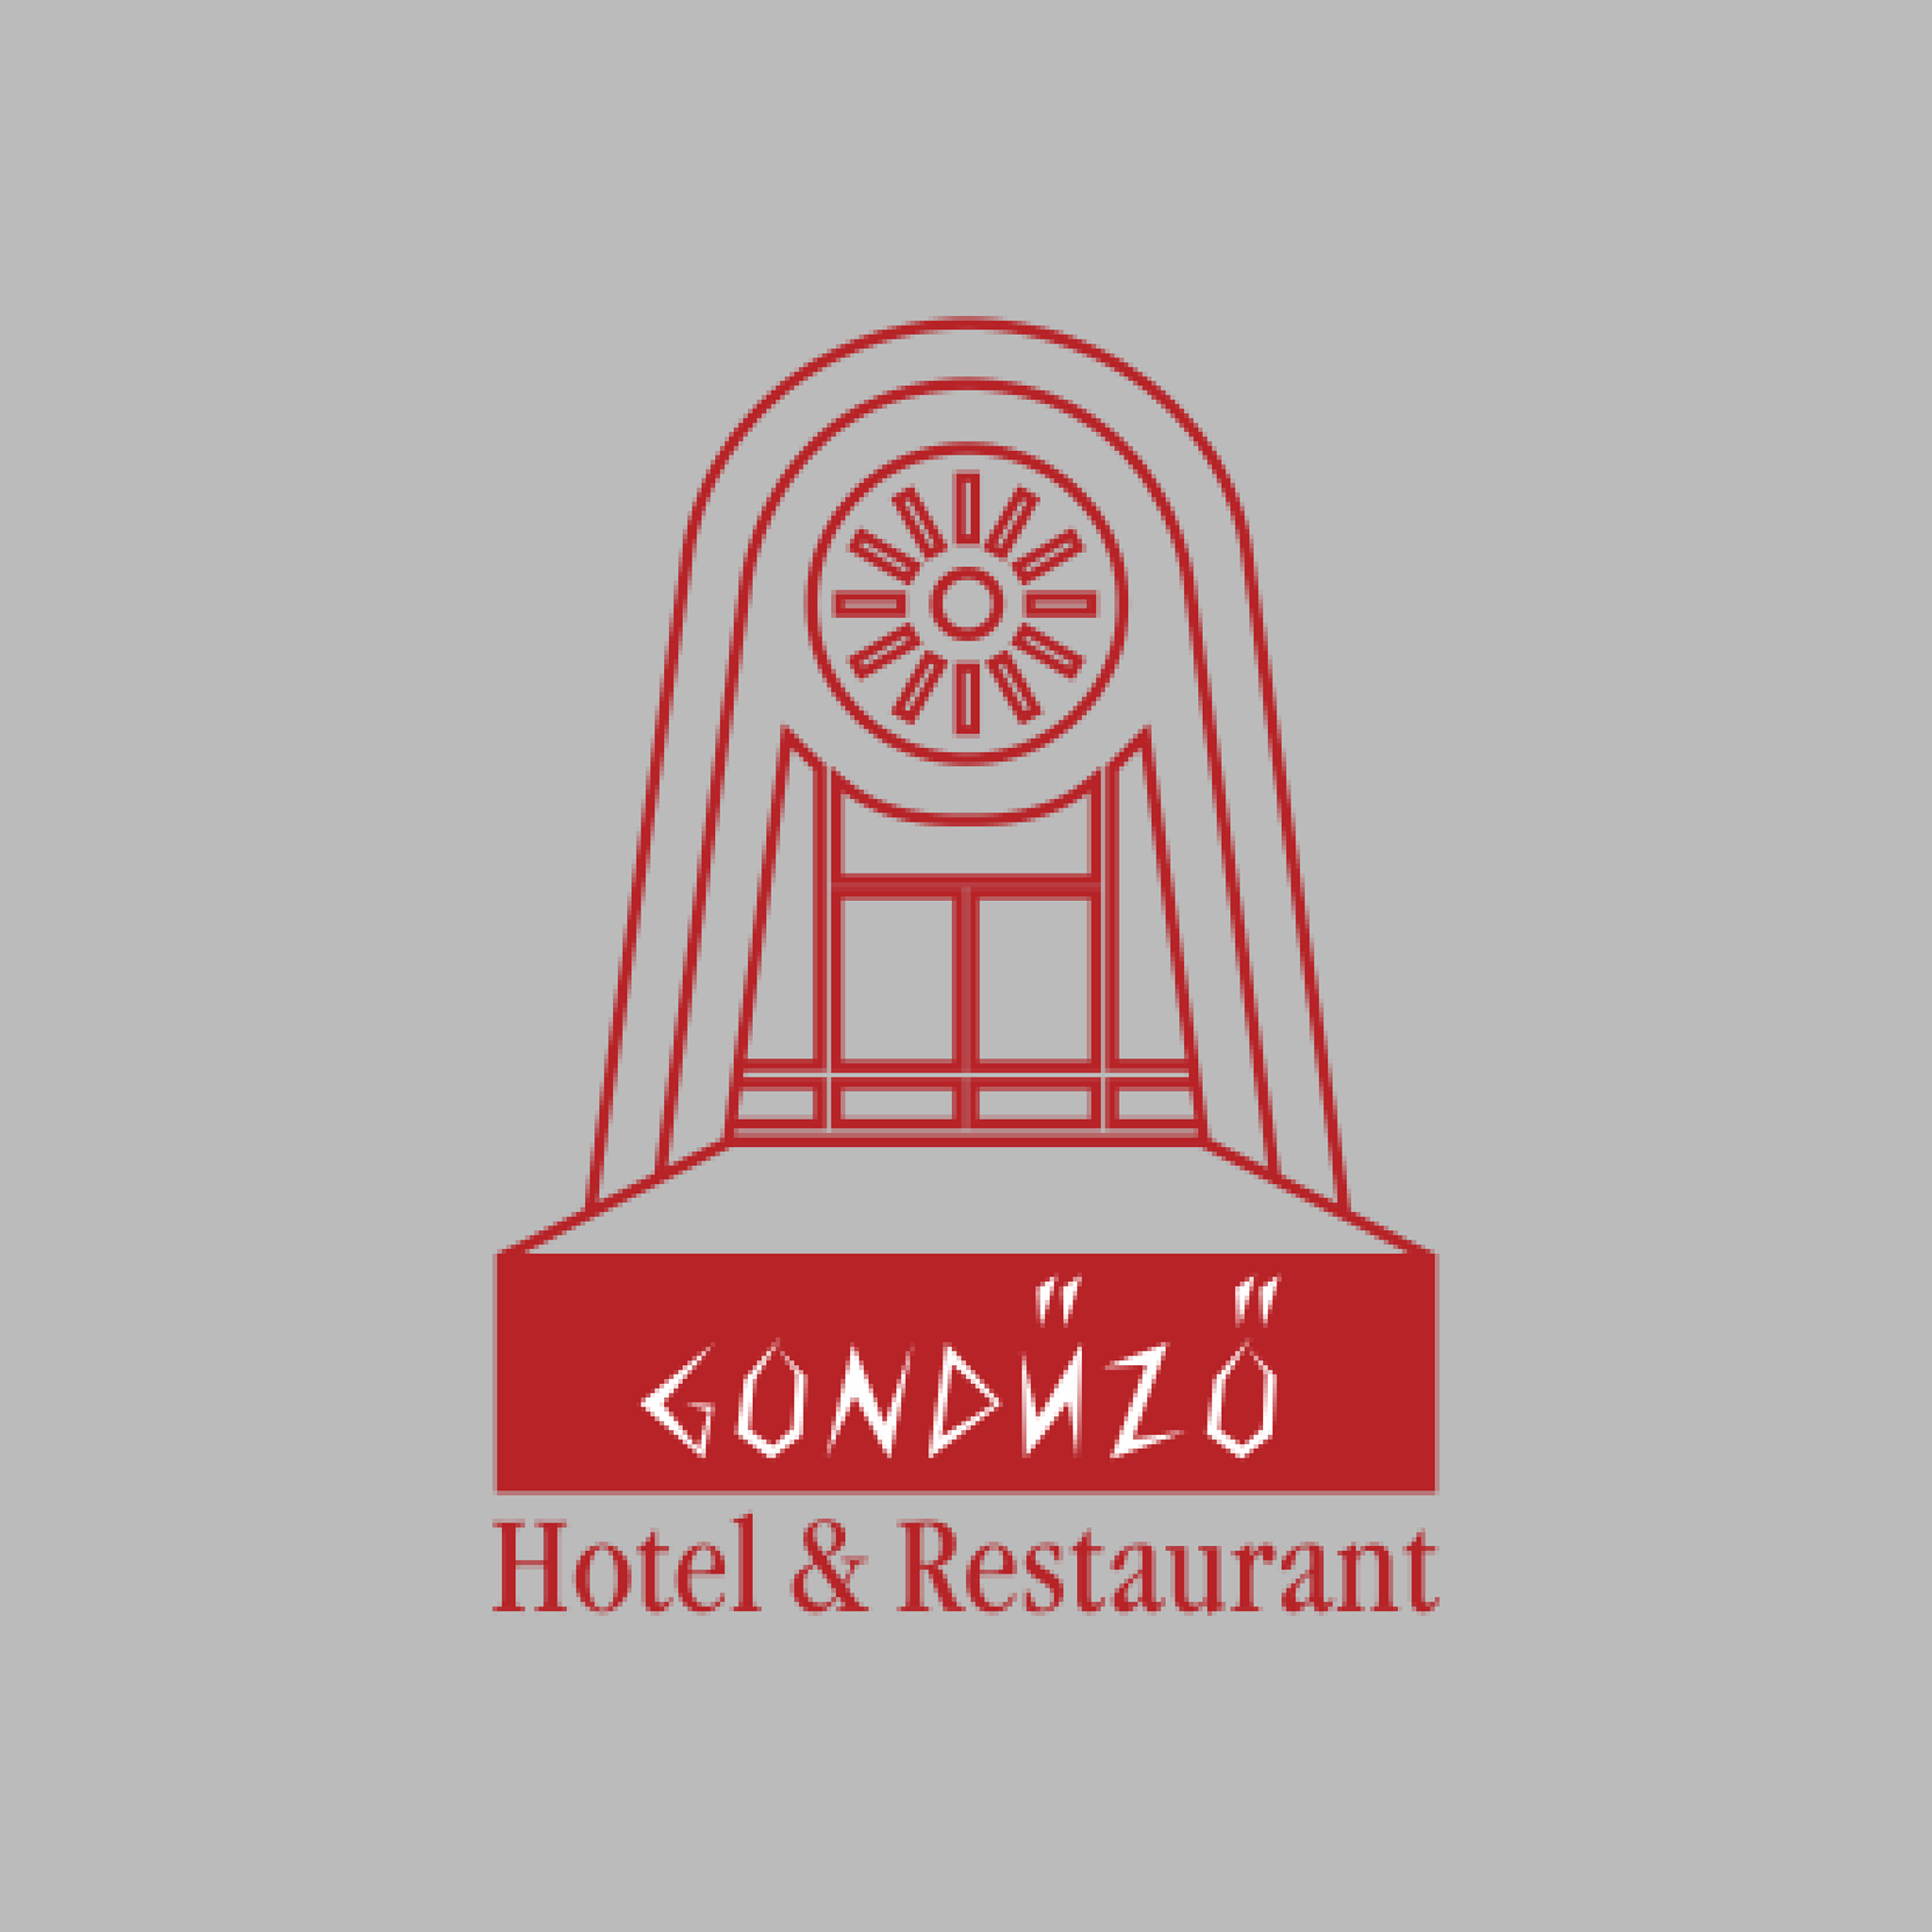 Gondűző Hotel